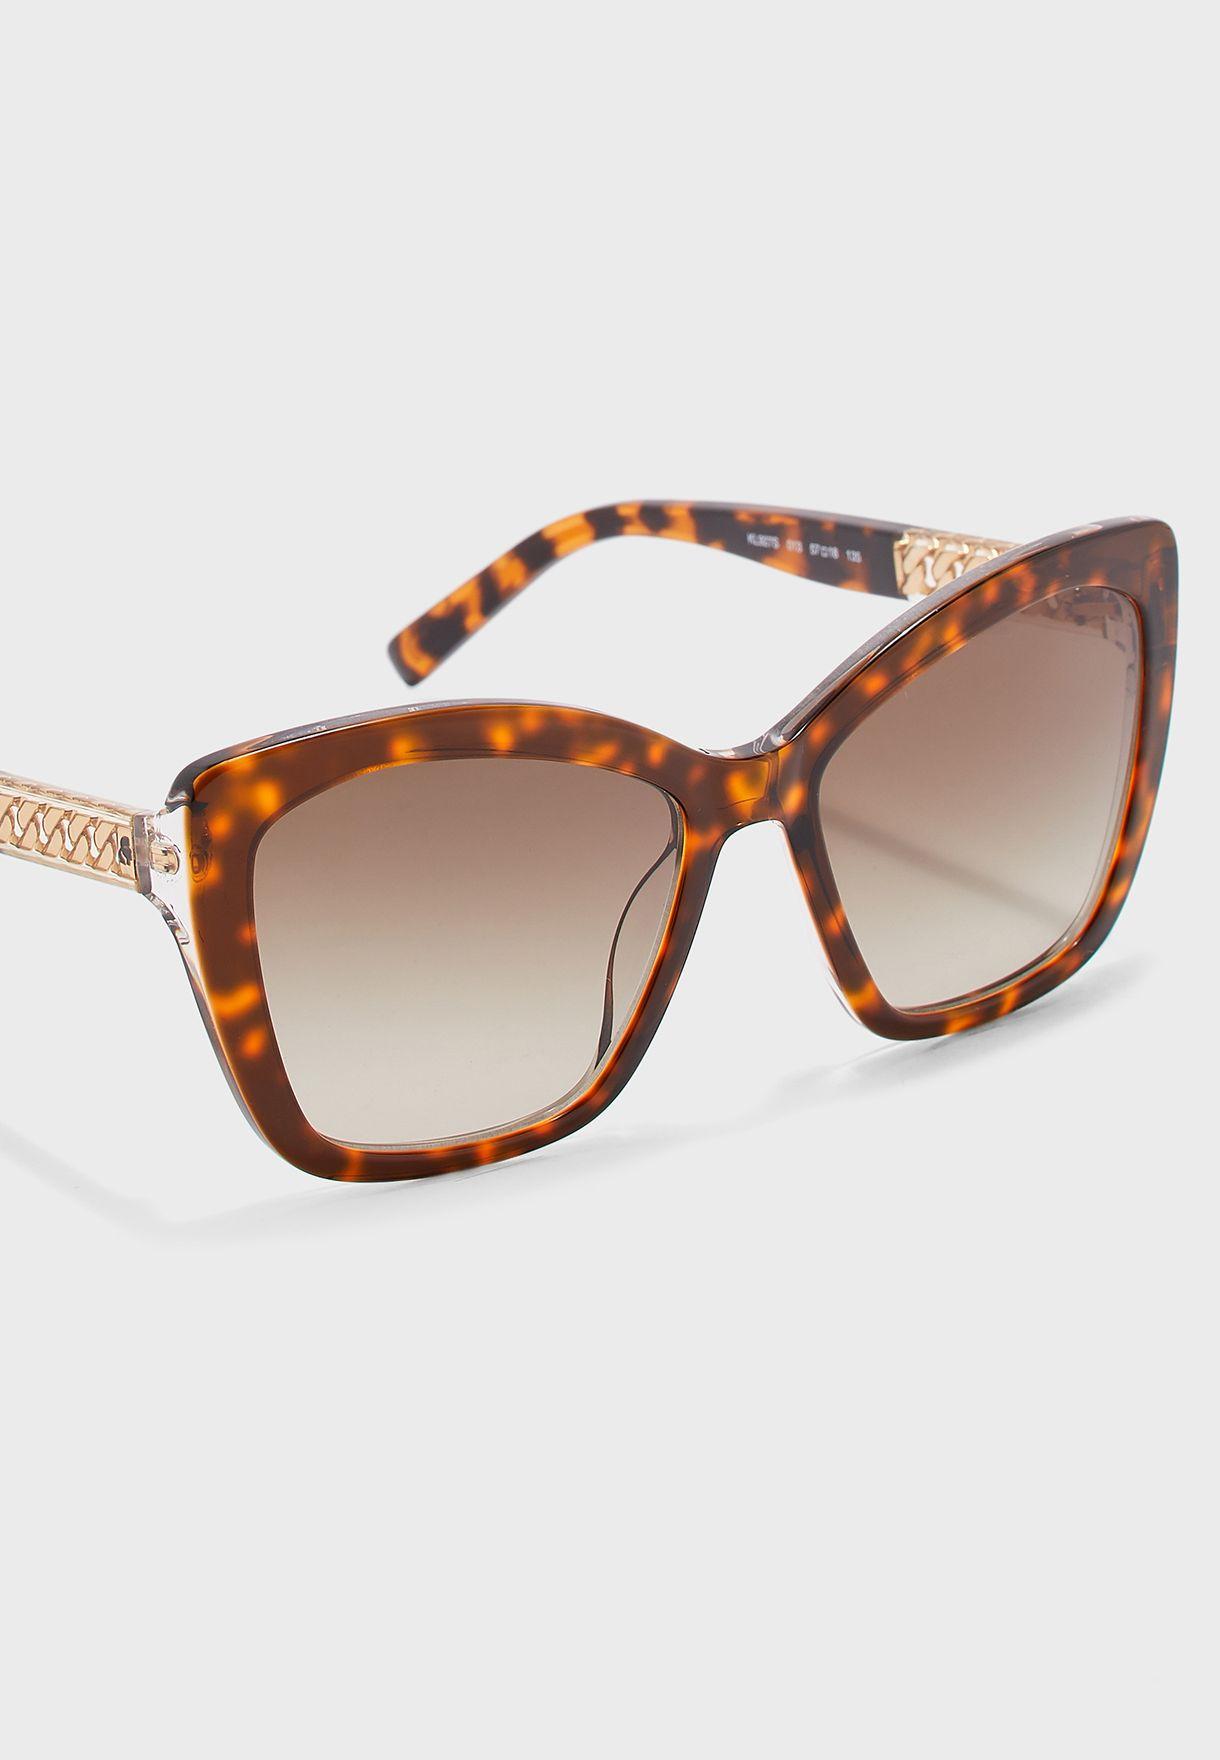 KL927S Oversized Sunglasses